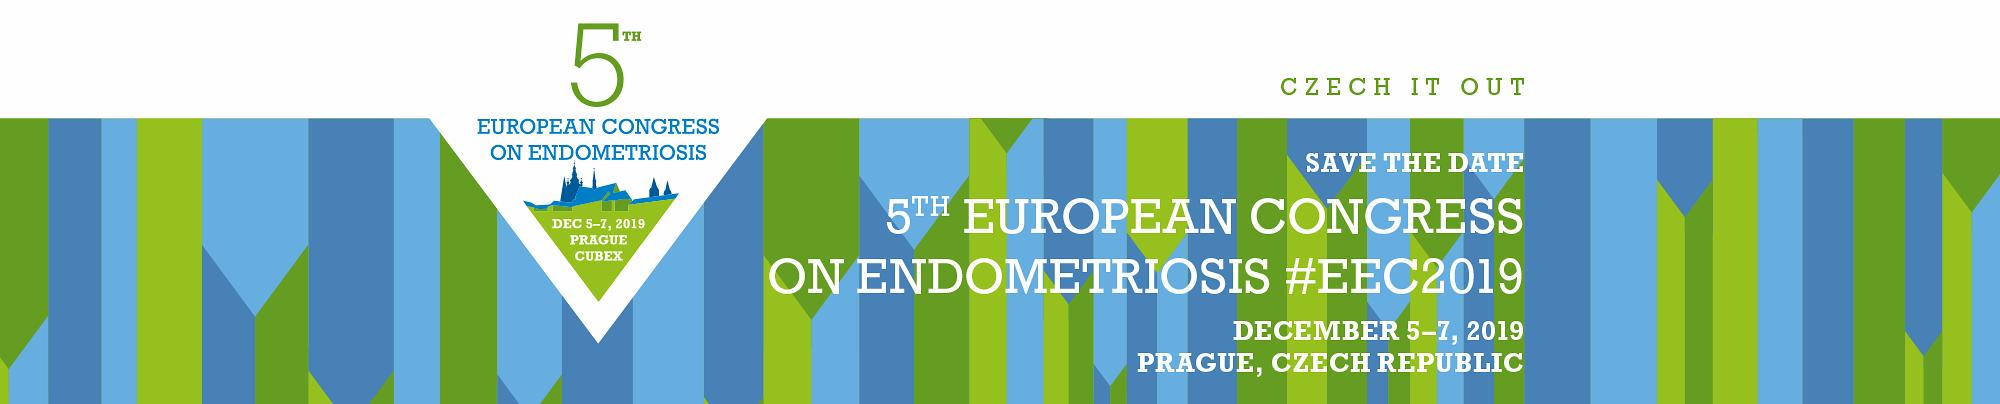 2019_12_05_Europ_Congress_Endo